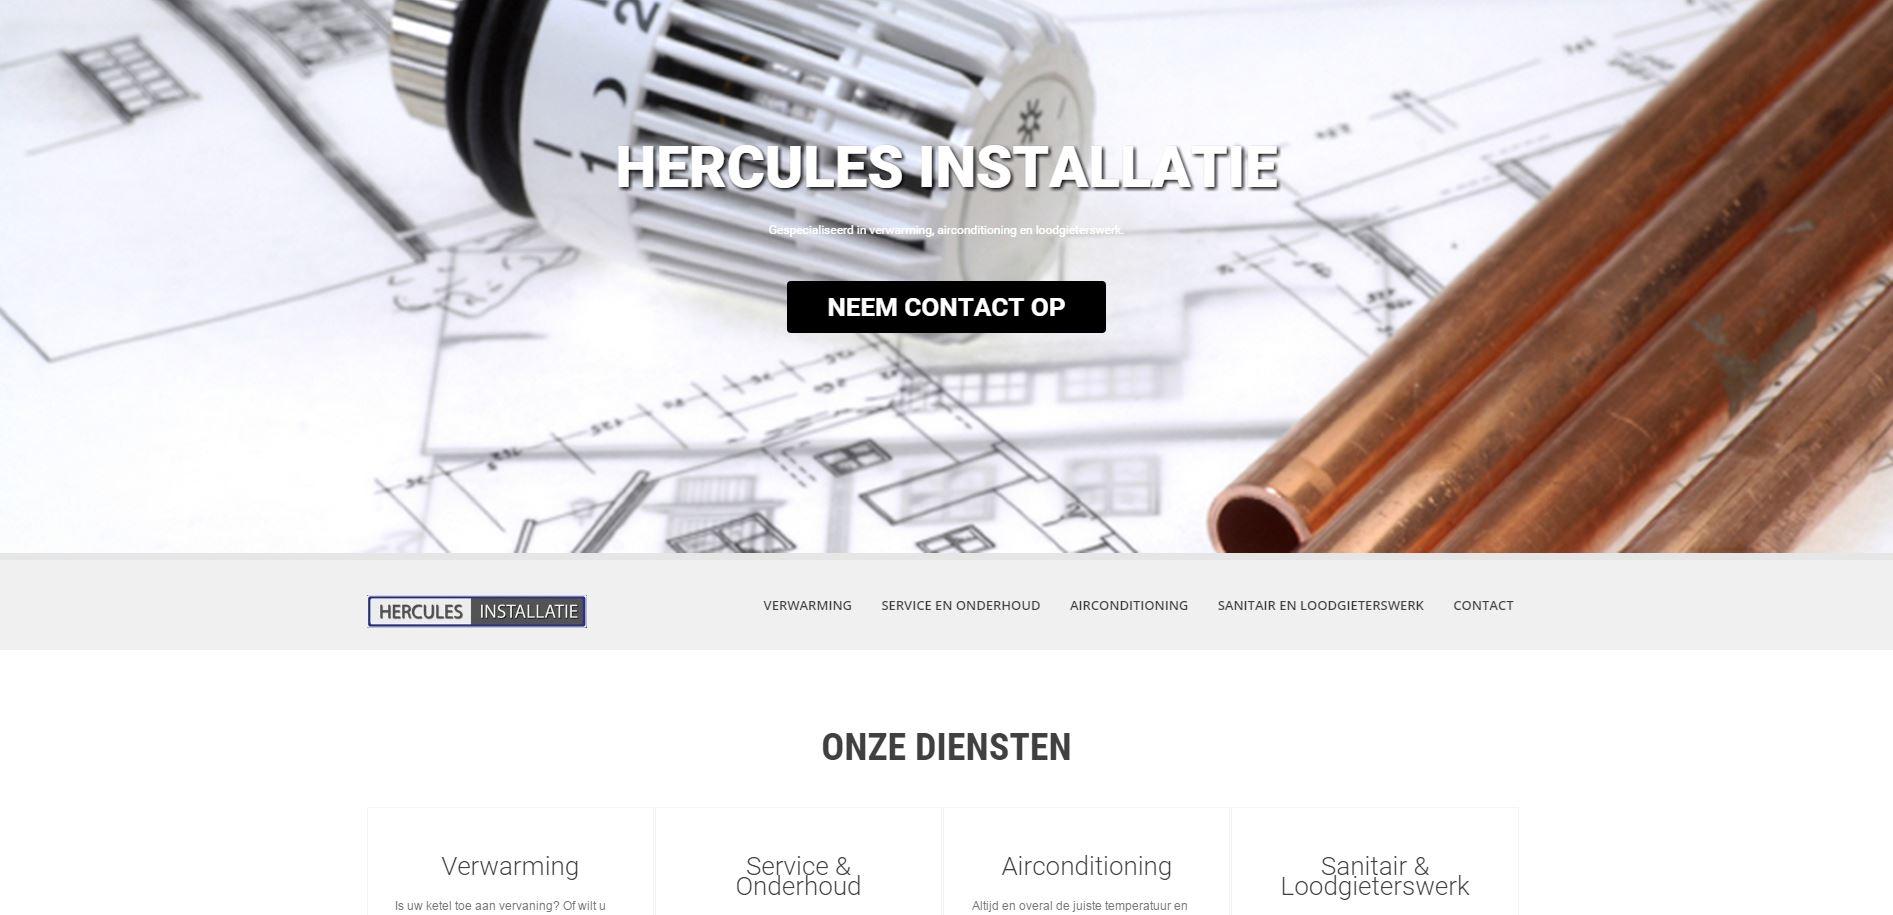 Hercules Installatie